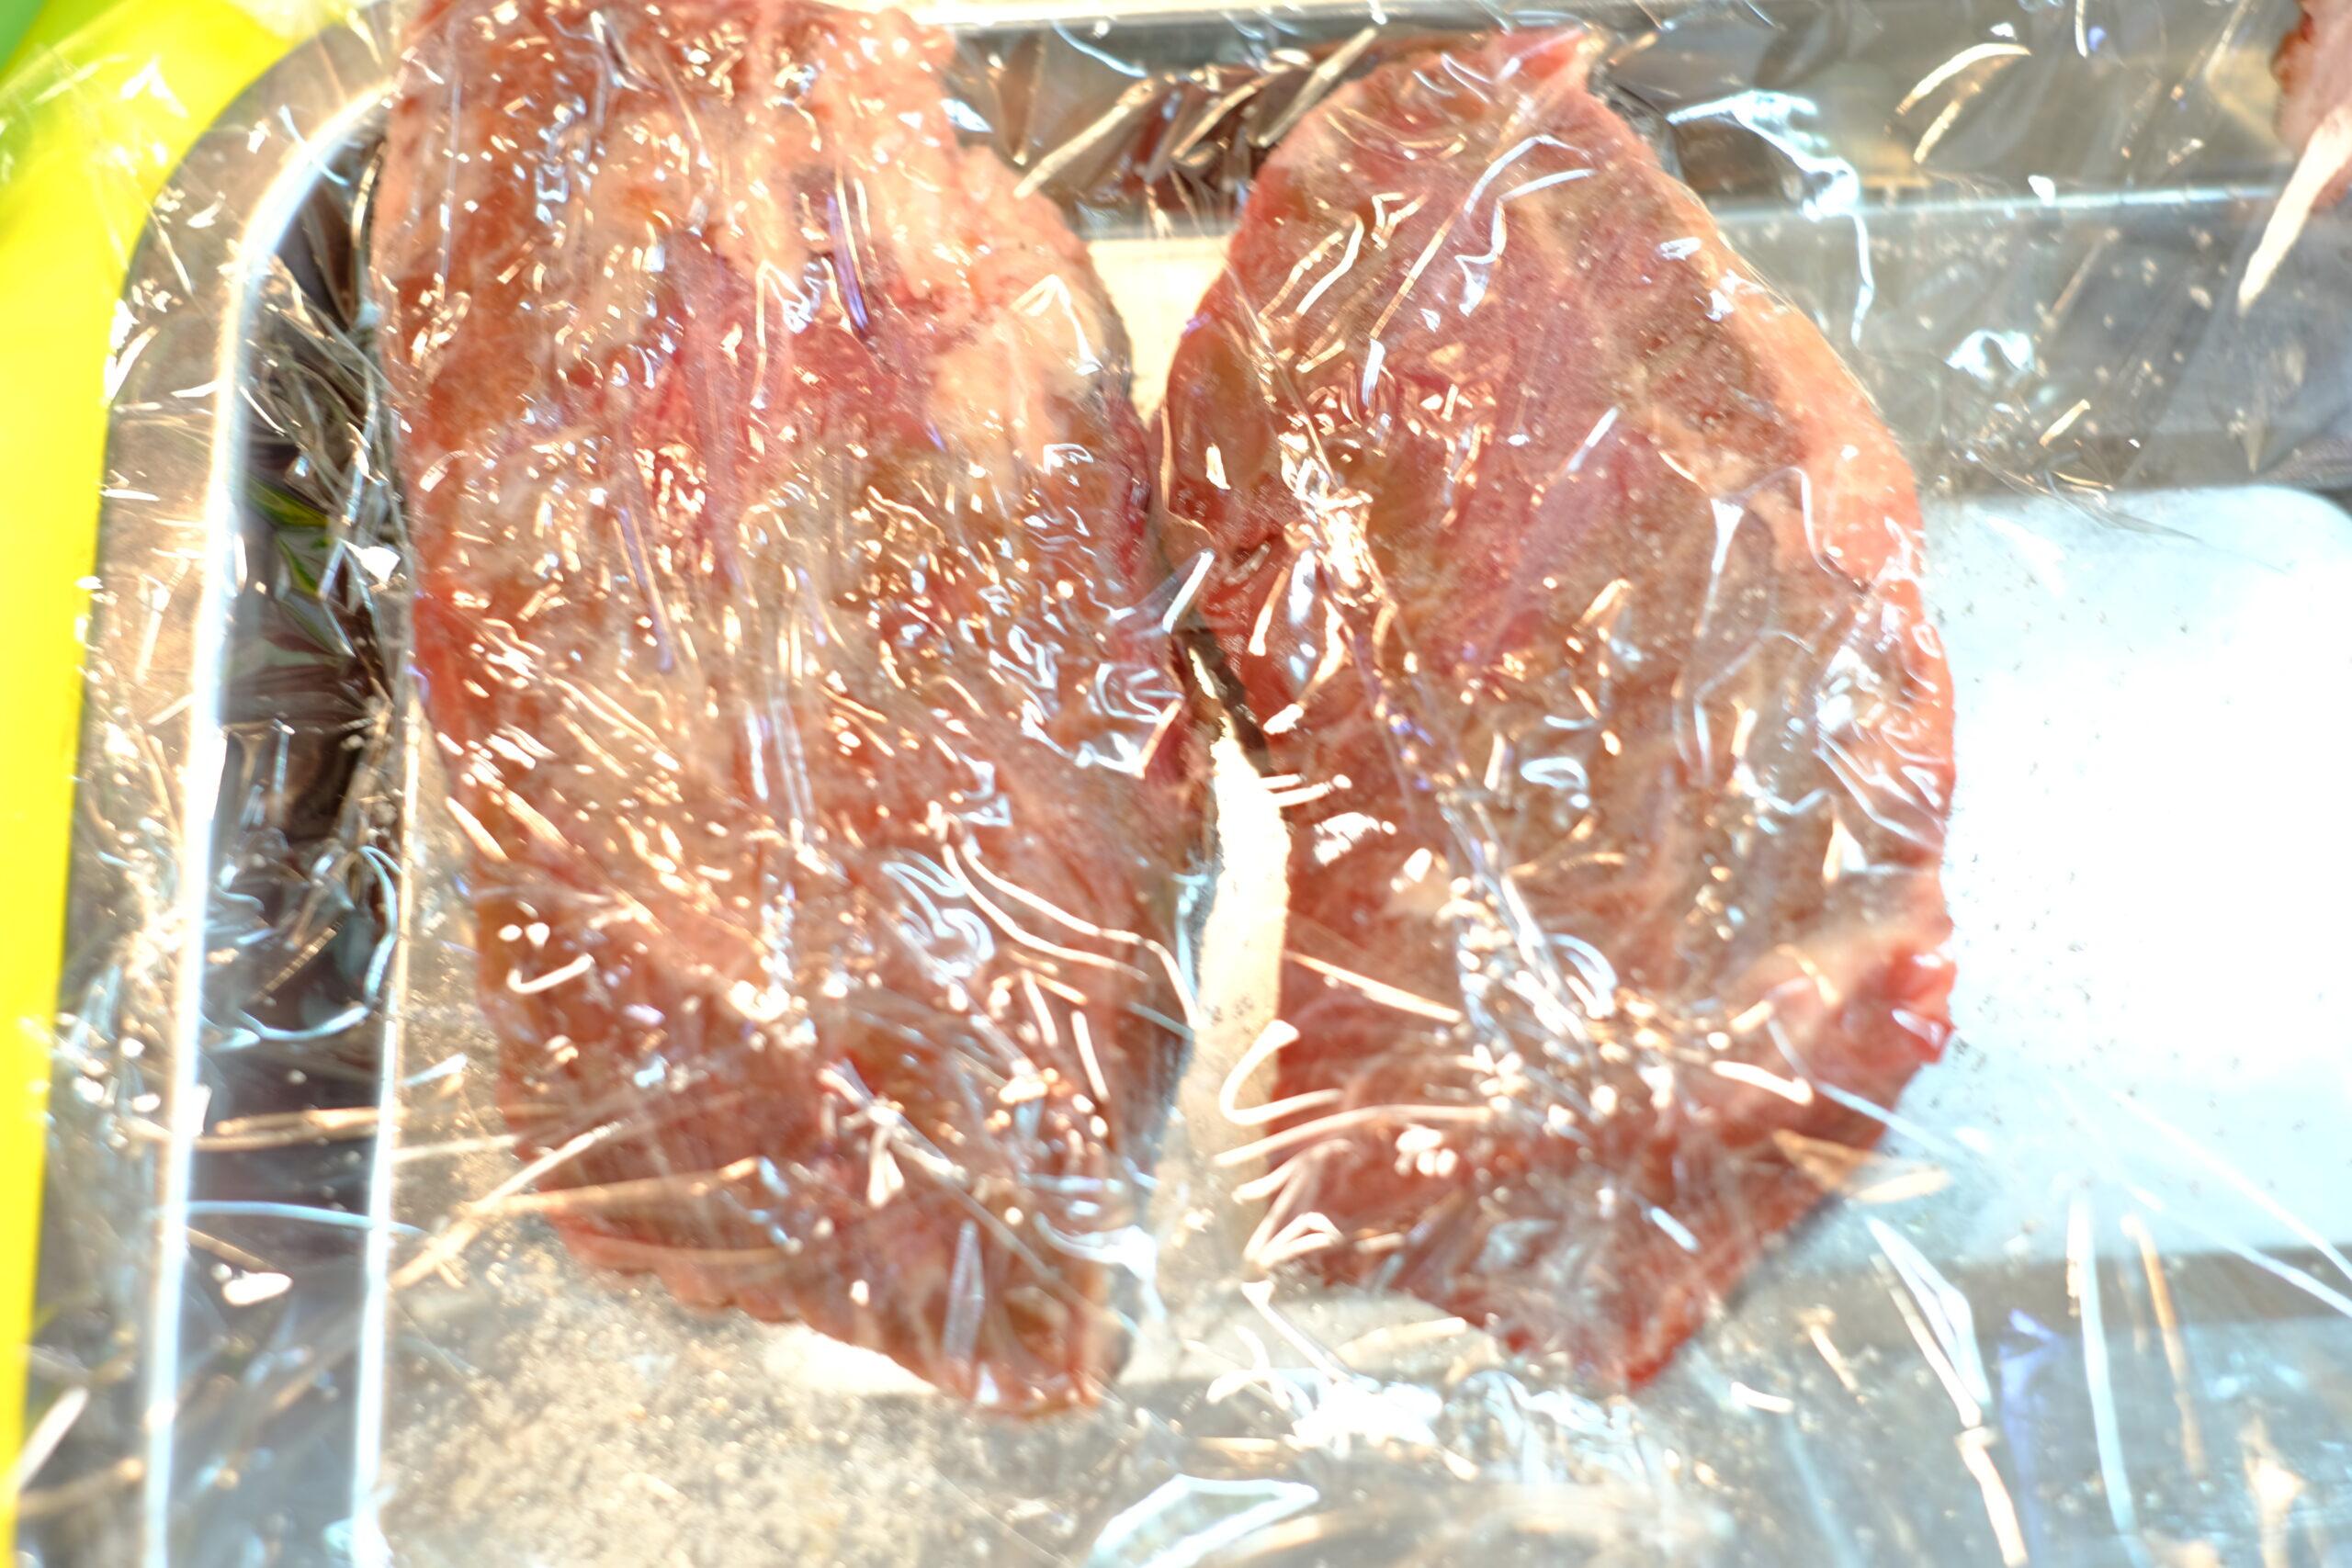 叩いて厚みを揃え、塩をふってラップをした状態の牛ハラミ肉の画像